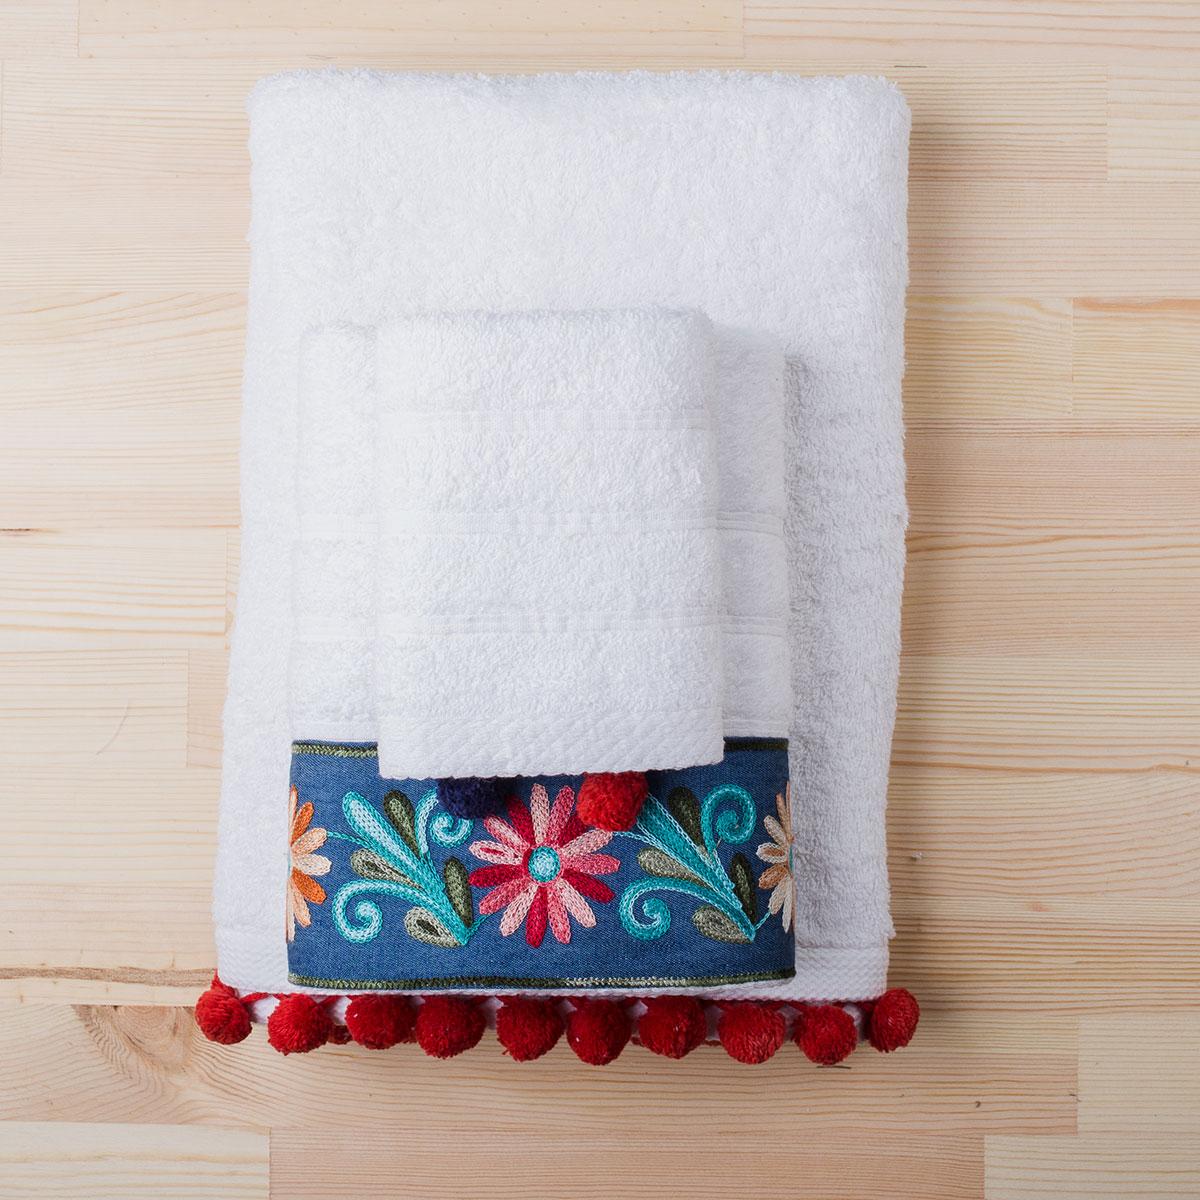 Πετσέτες Μπάνιου (Σετ 3τμχ) White Fabric Nadine White